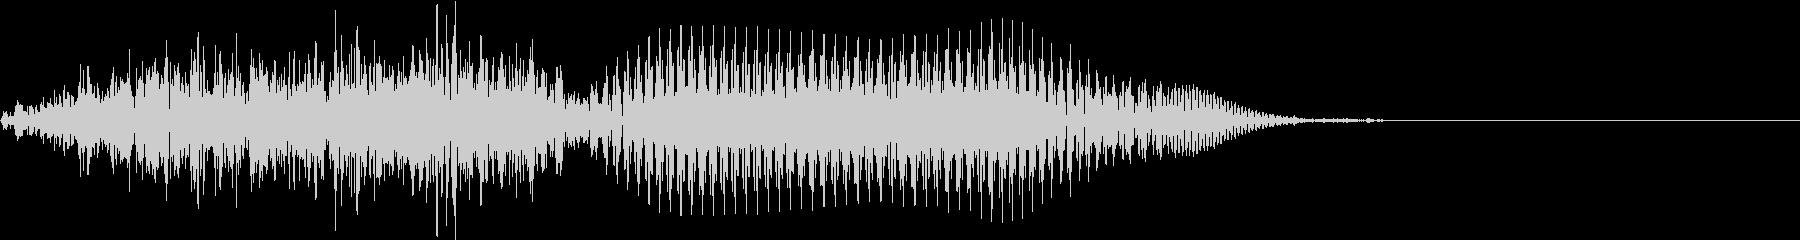 中国語 10    シューの未再生の波形